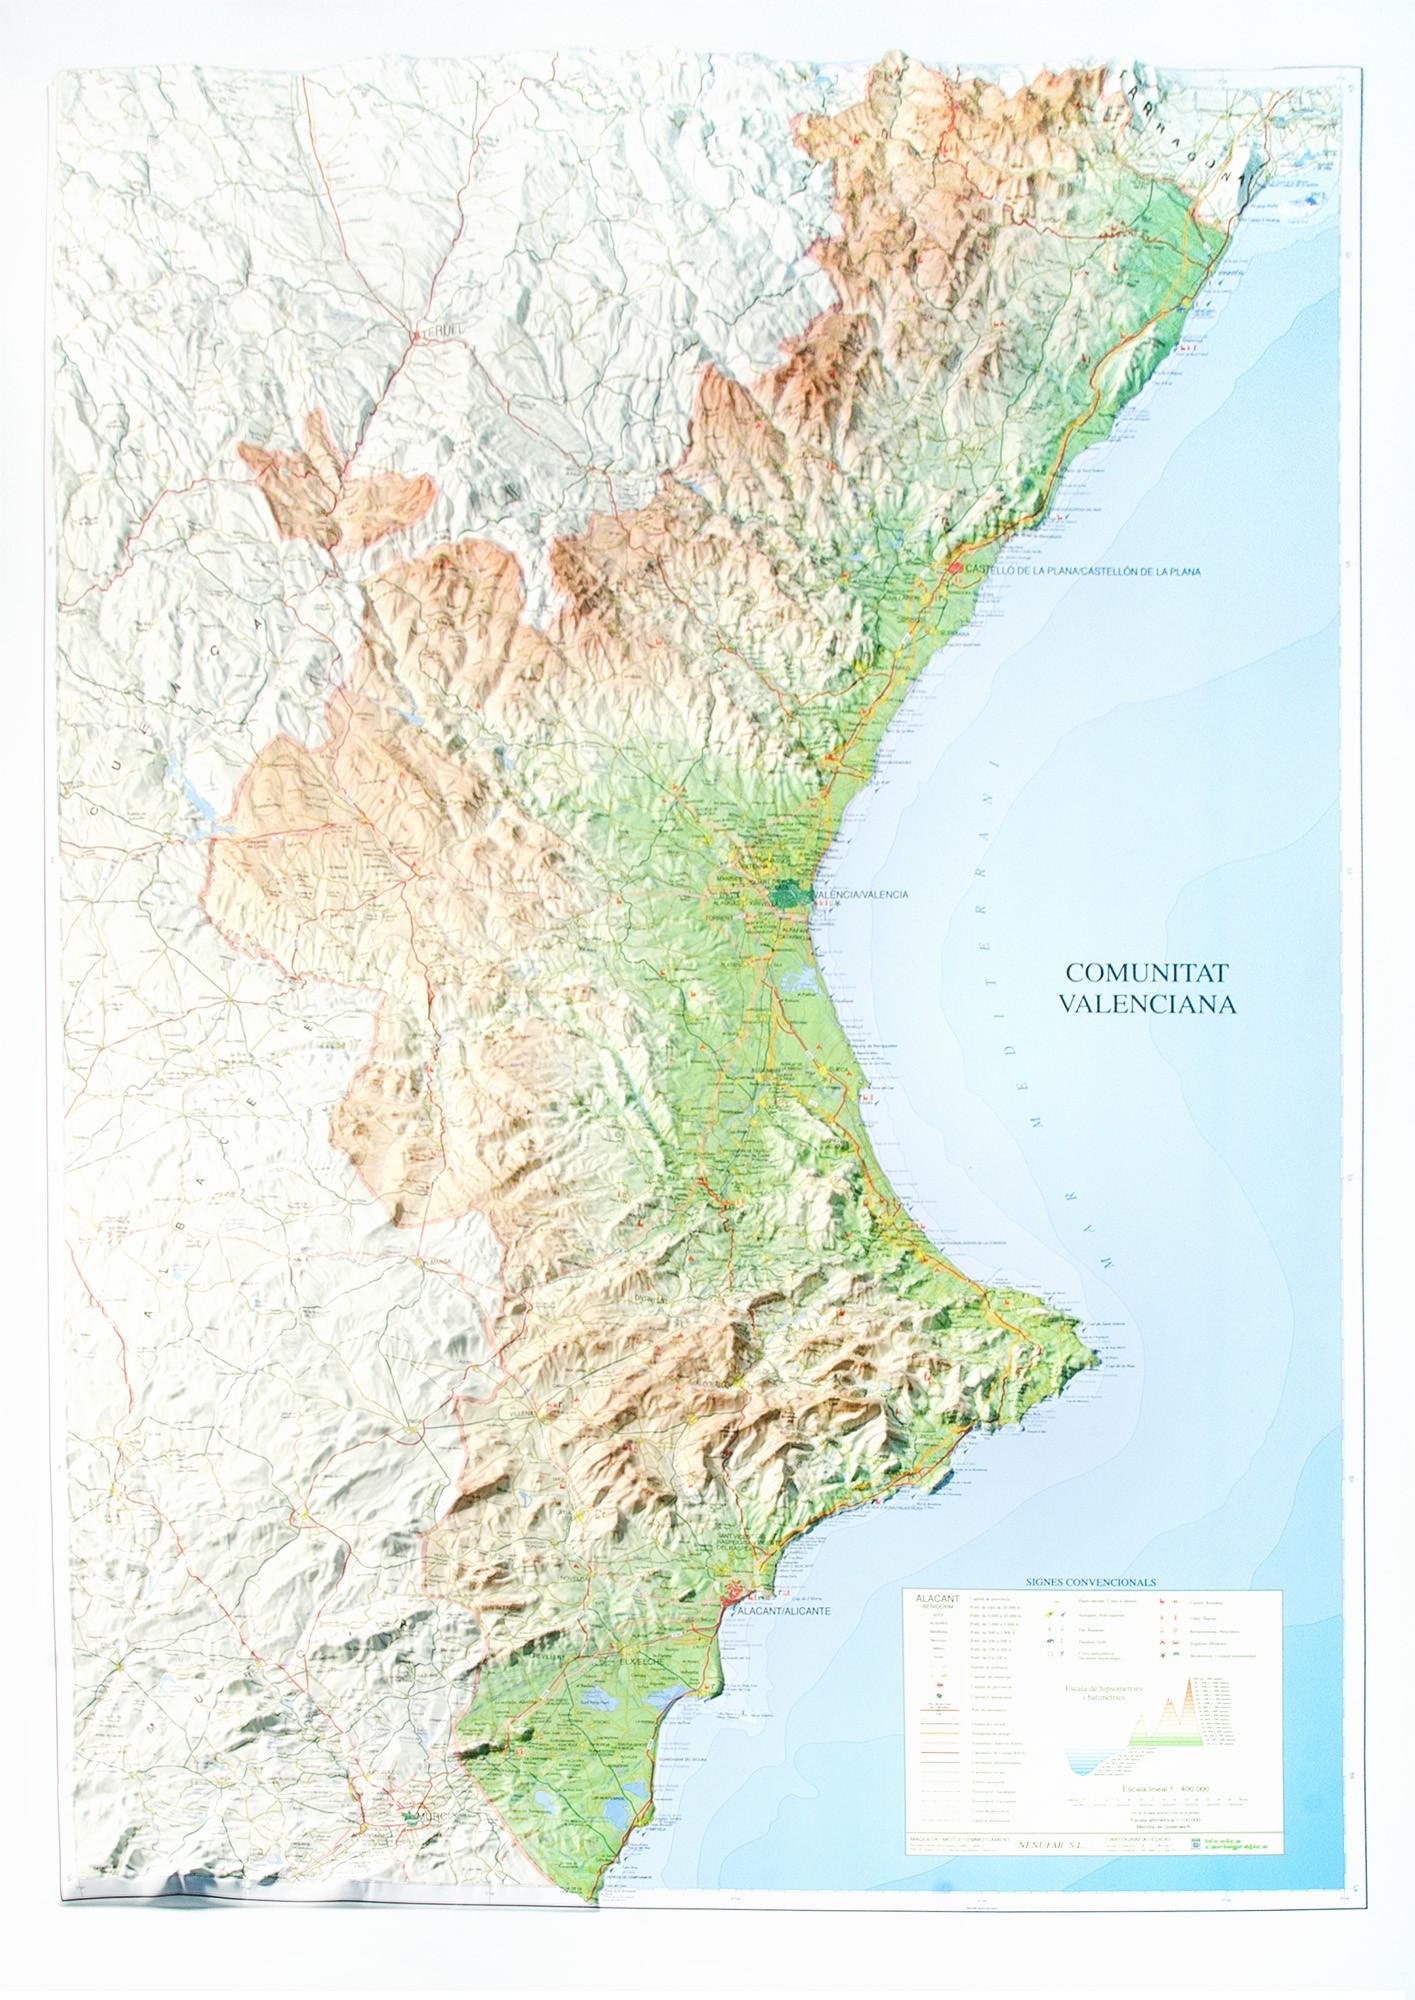 Mapa Fisico Comunitat Valenciana.C A De Valencia En Relieve